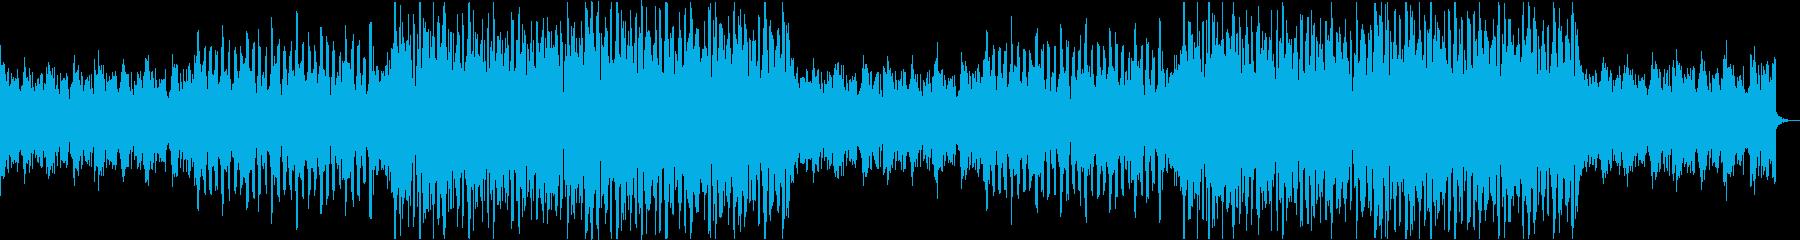 きらきらピアノ企業VPコーポレートaの再生済みの波形